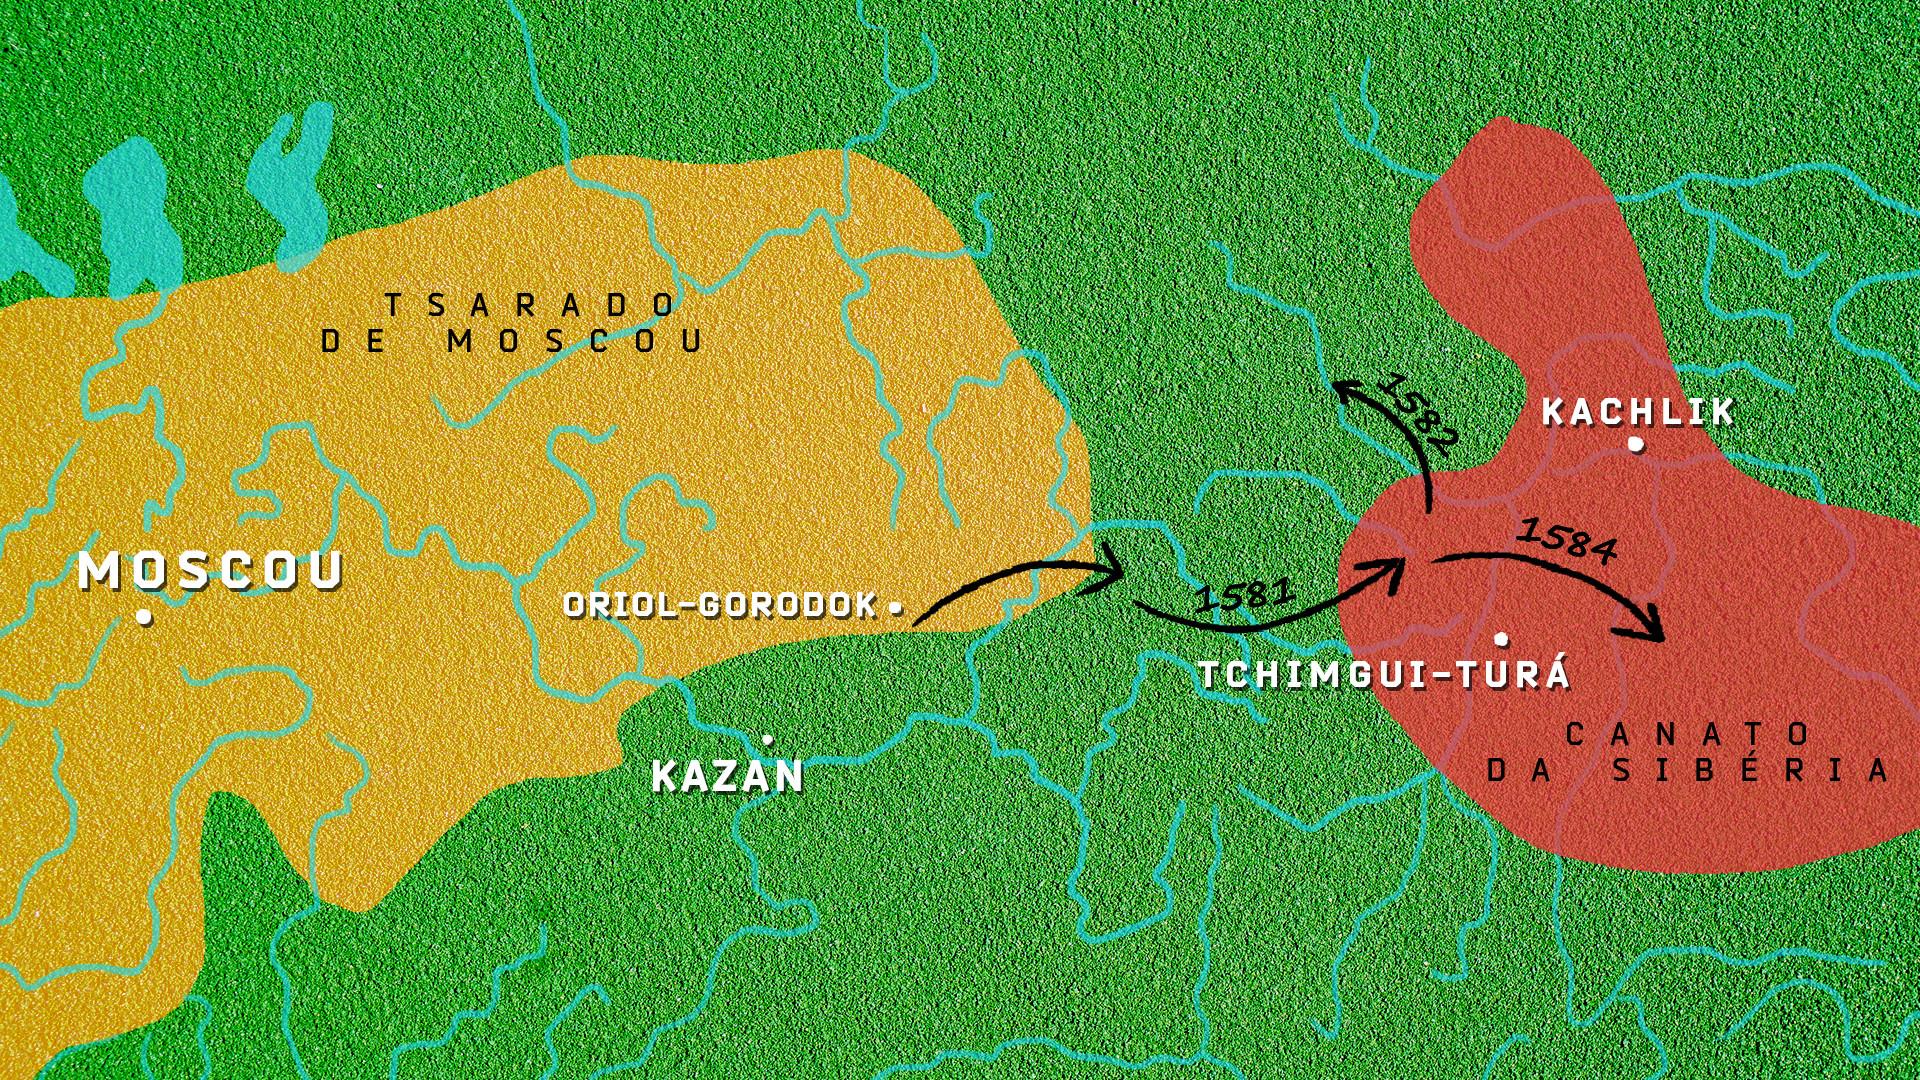 Mapa do Tsarado de Moscou em contraste com o canato da Sibéria; setas pretas indicam a suposta rota do exército de Ermák